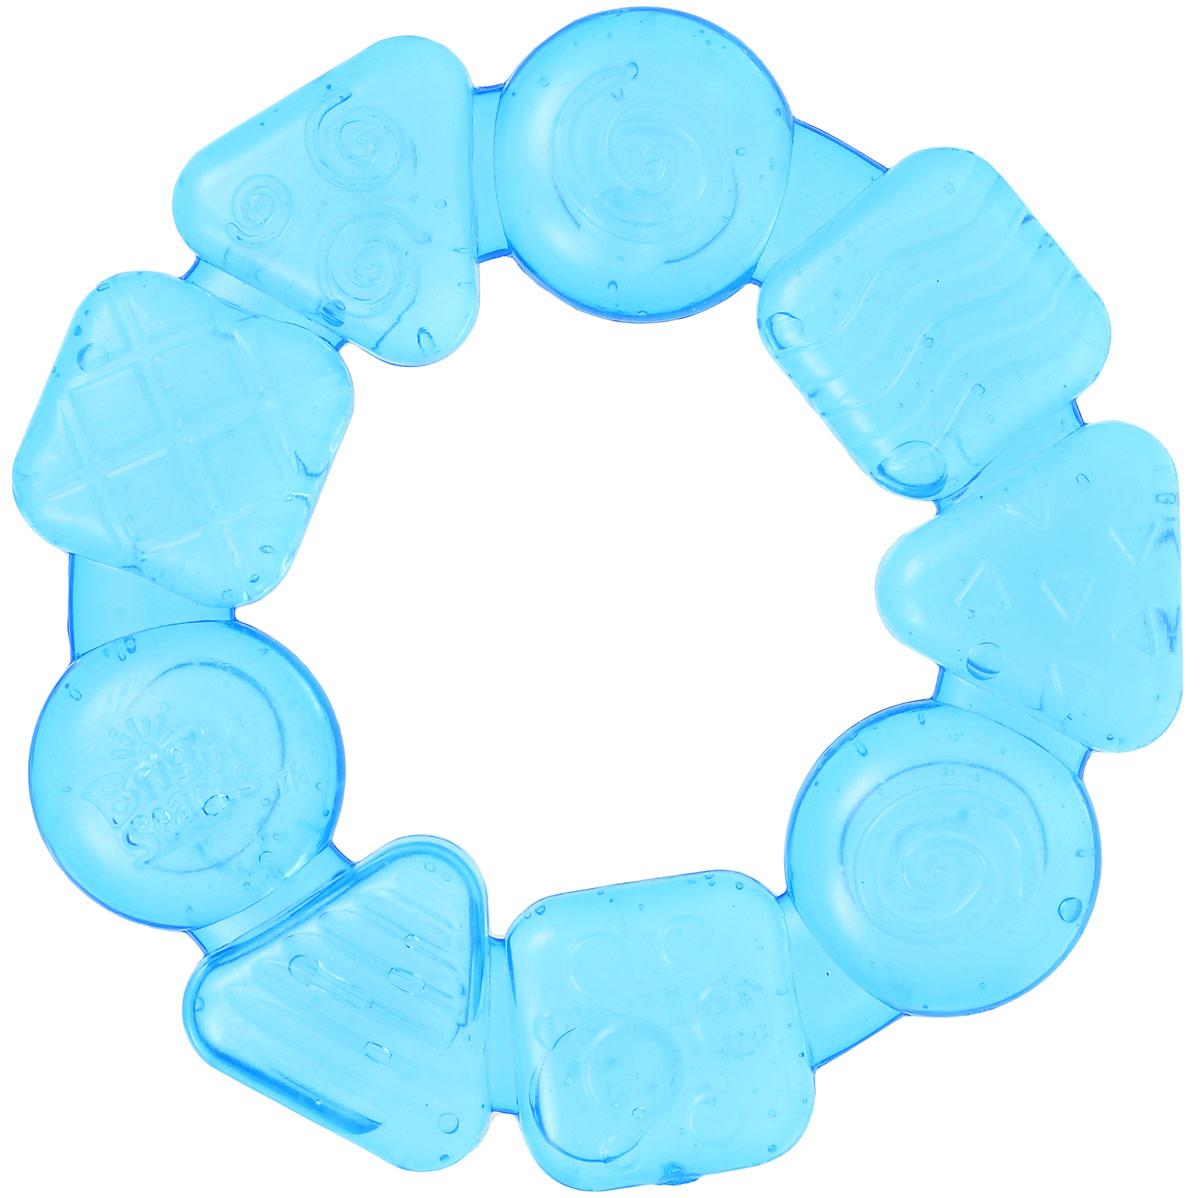 Bright Starts Прорезыватель Карамельный круг цвет синий игрушка прорезыватель bright starts гусеничка оранжевая